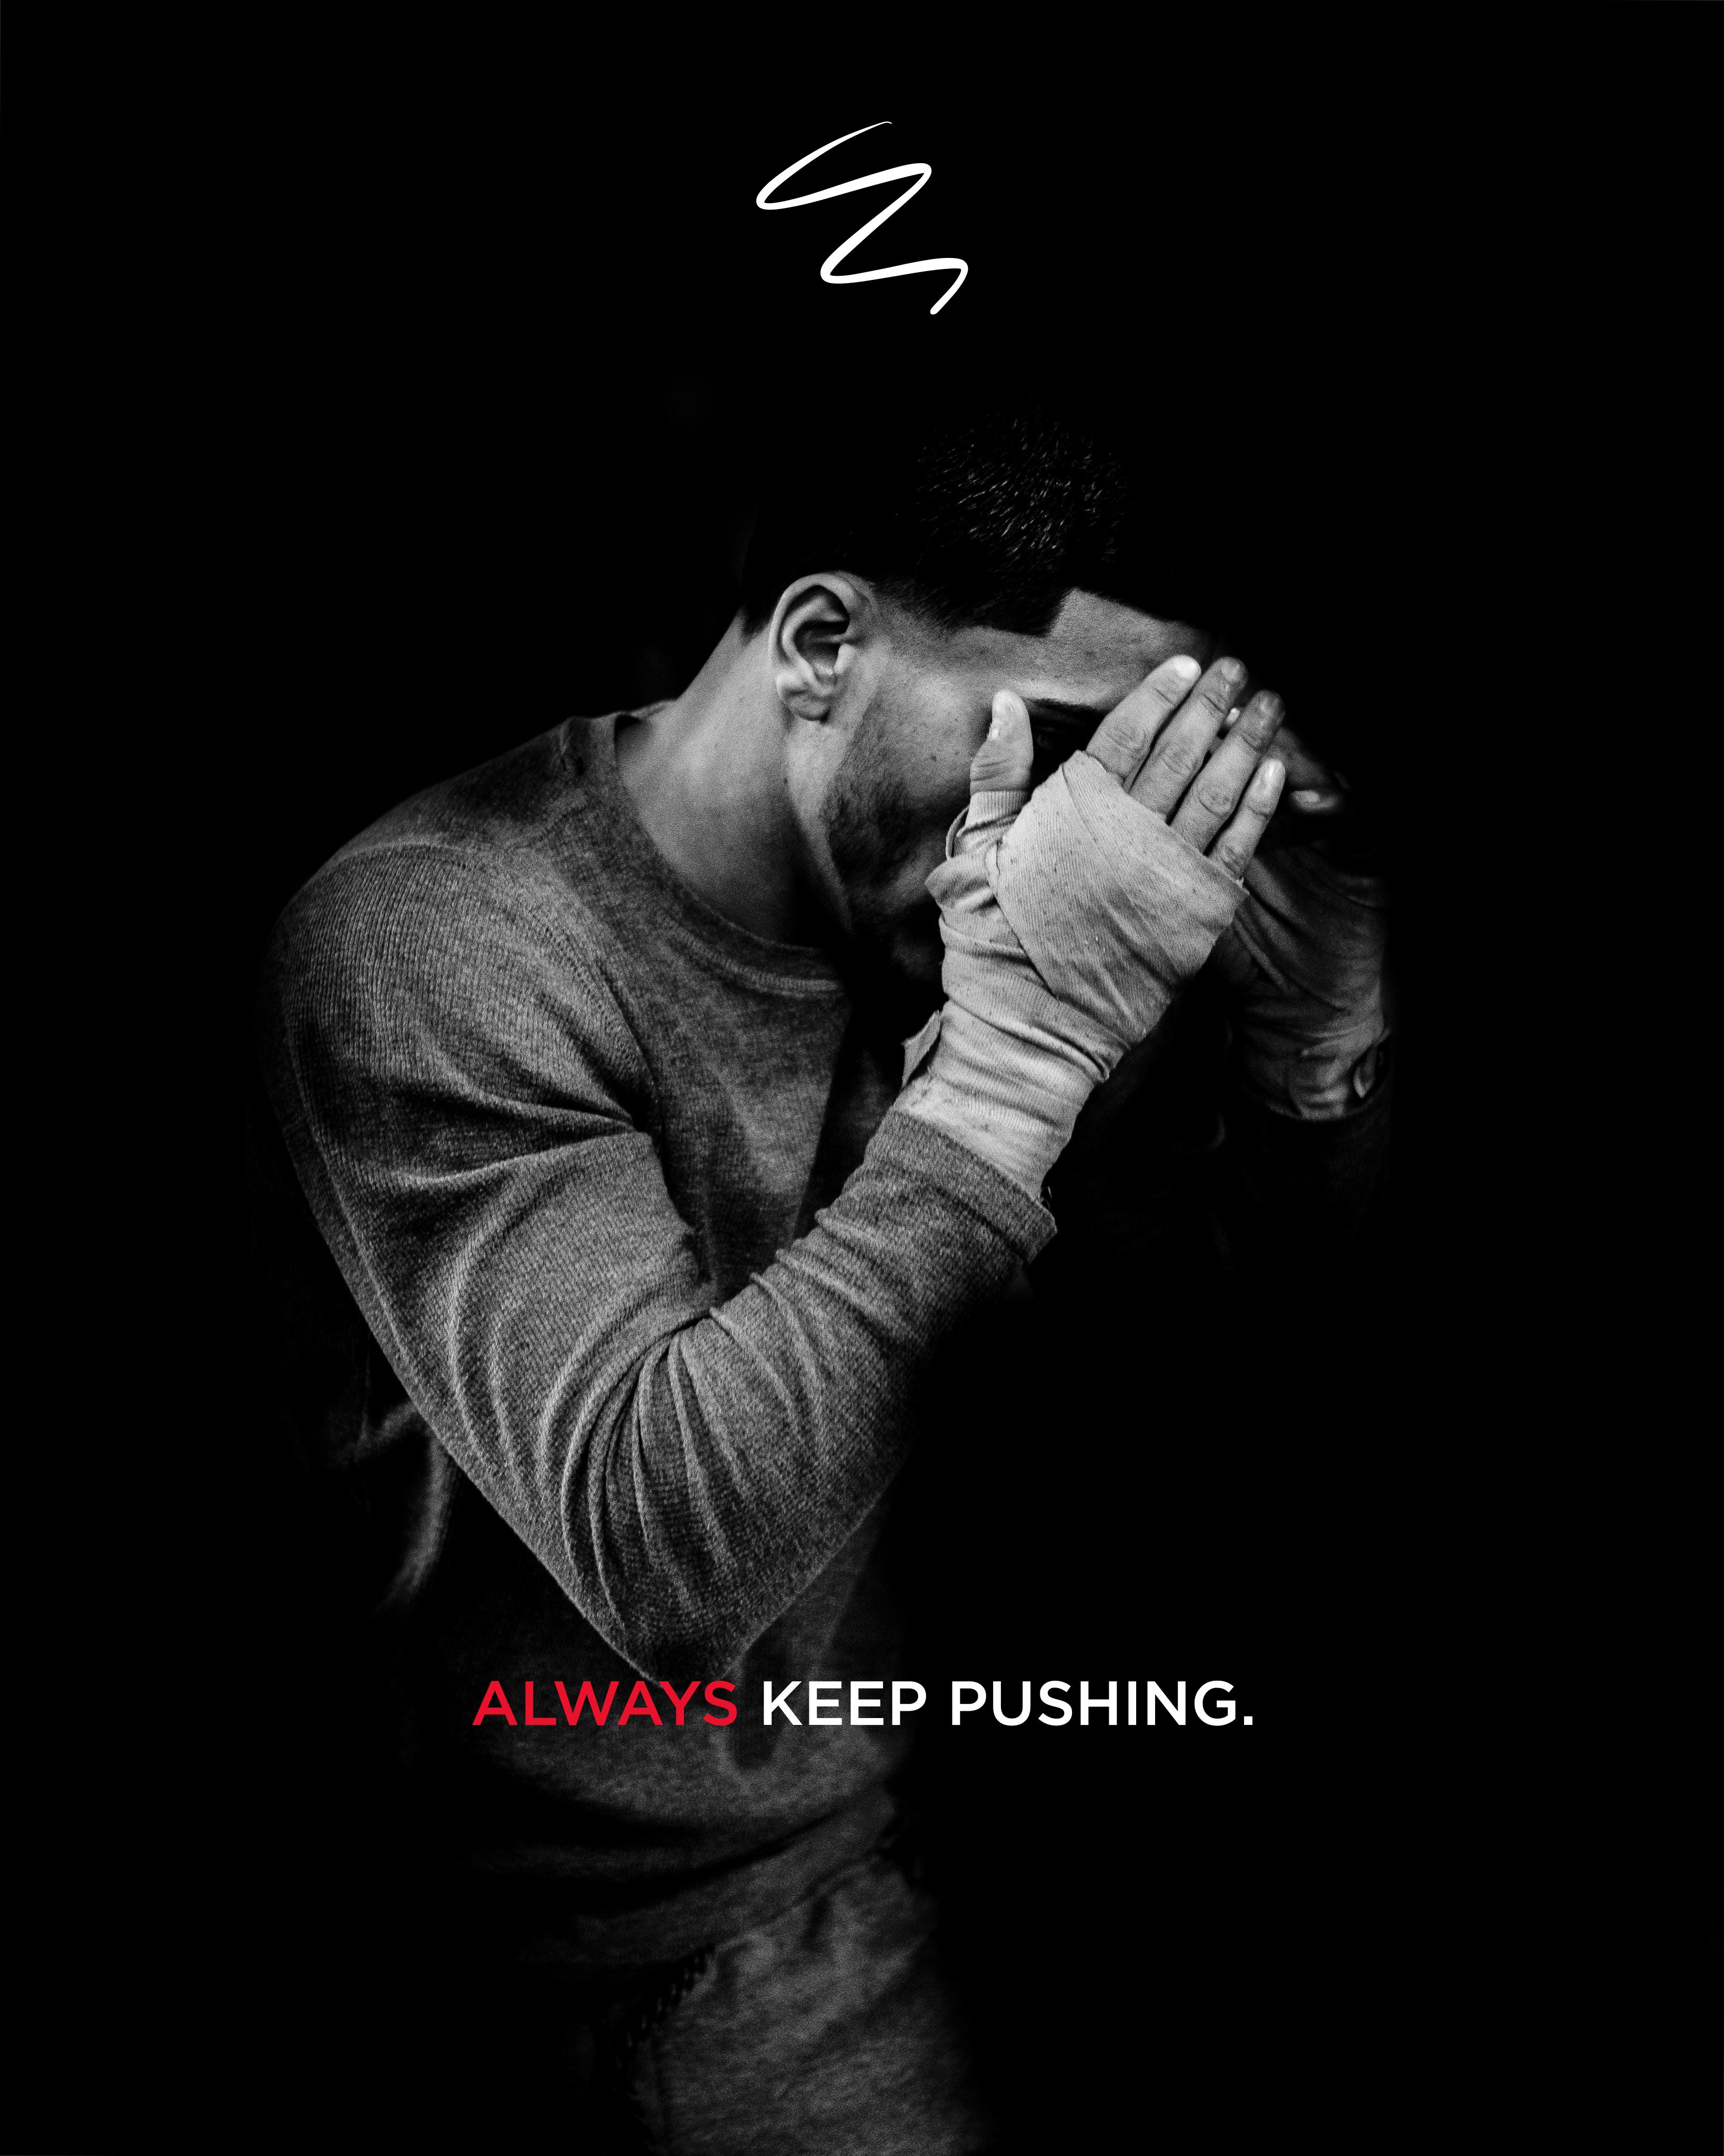 always keep pushing